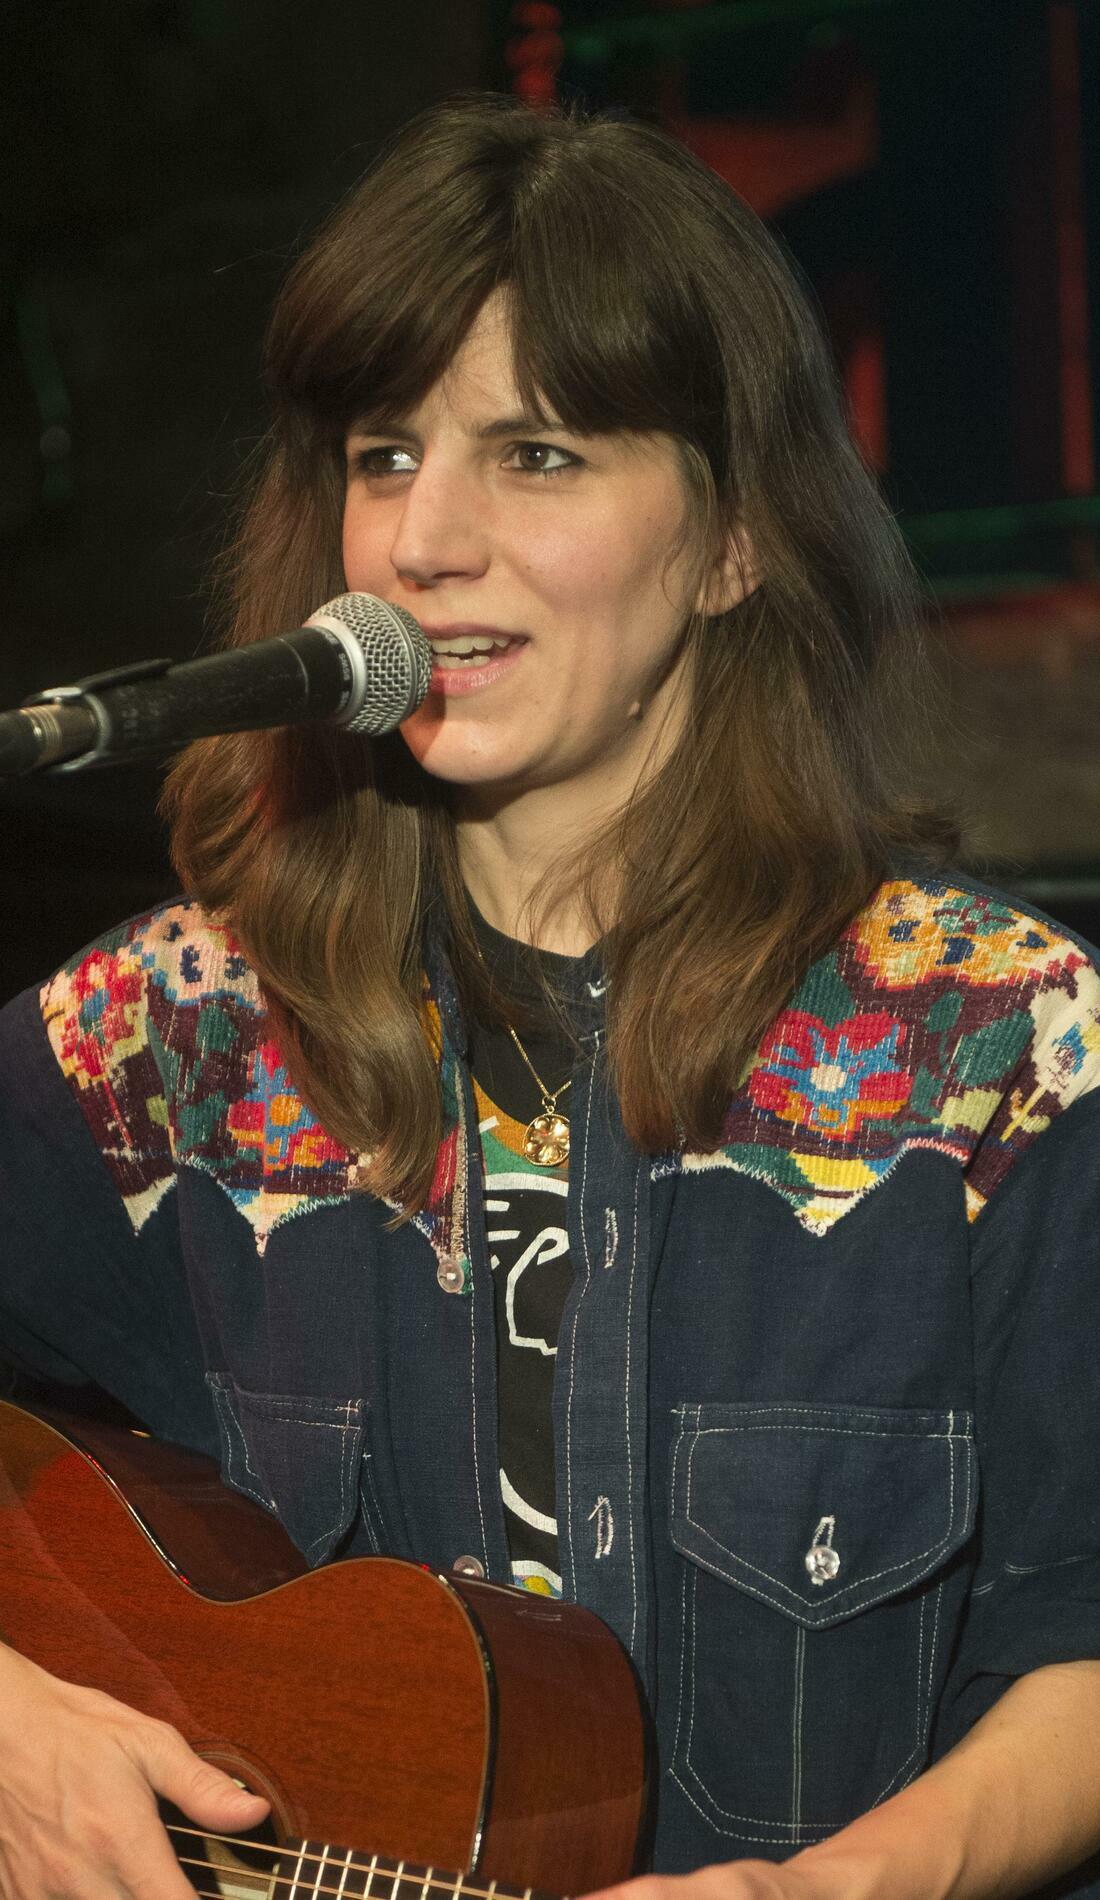 A Eleanor Friedberger live event